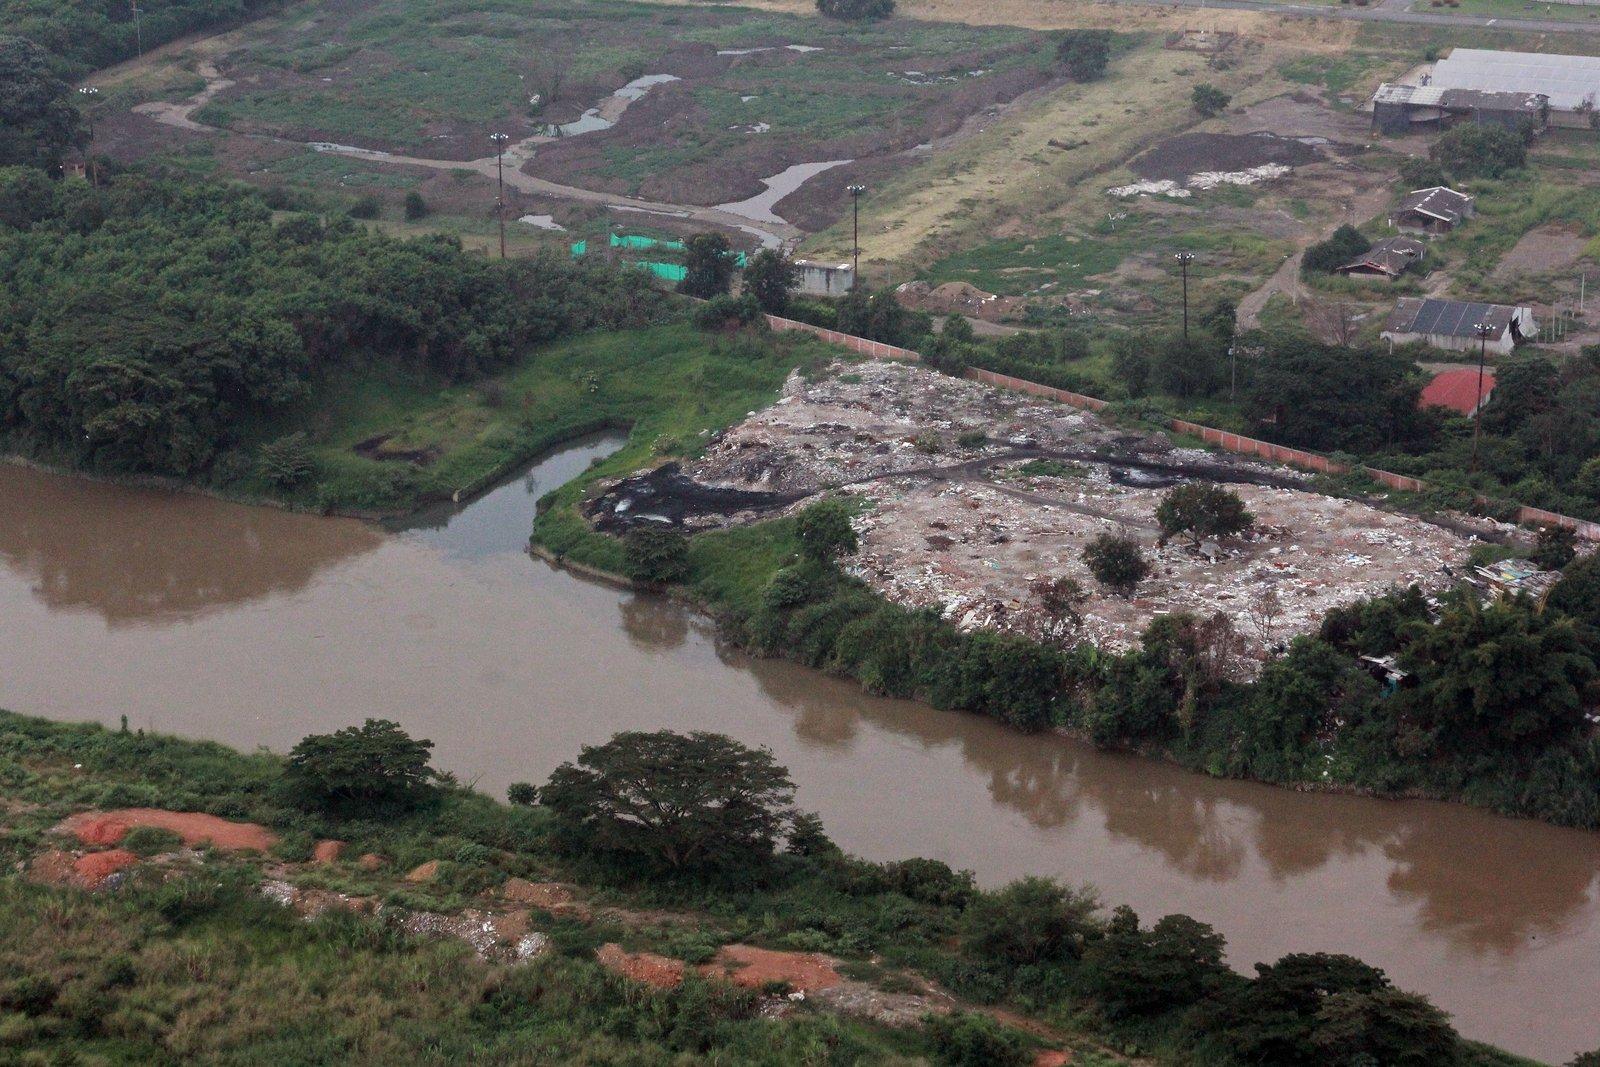 Situación de los ríos de Cali es crítica, según Personería: Especial